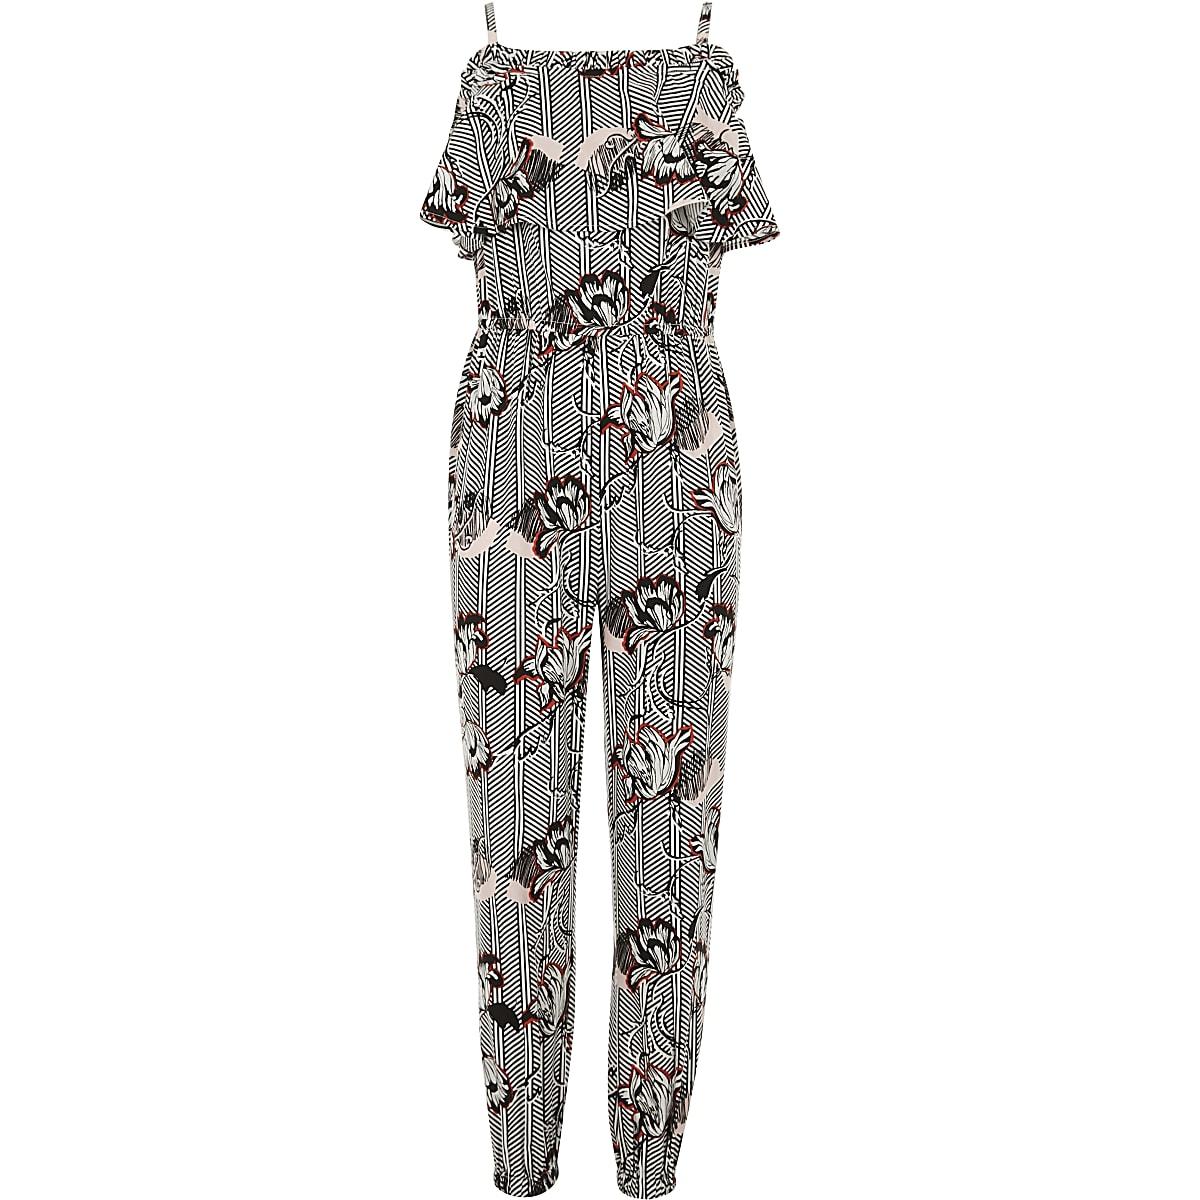 a3a8e7b2511fe Girls white floral print ruffle jumpsuit - Jumpsuits - Playsuits &  Jumpsuits - girls